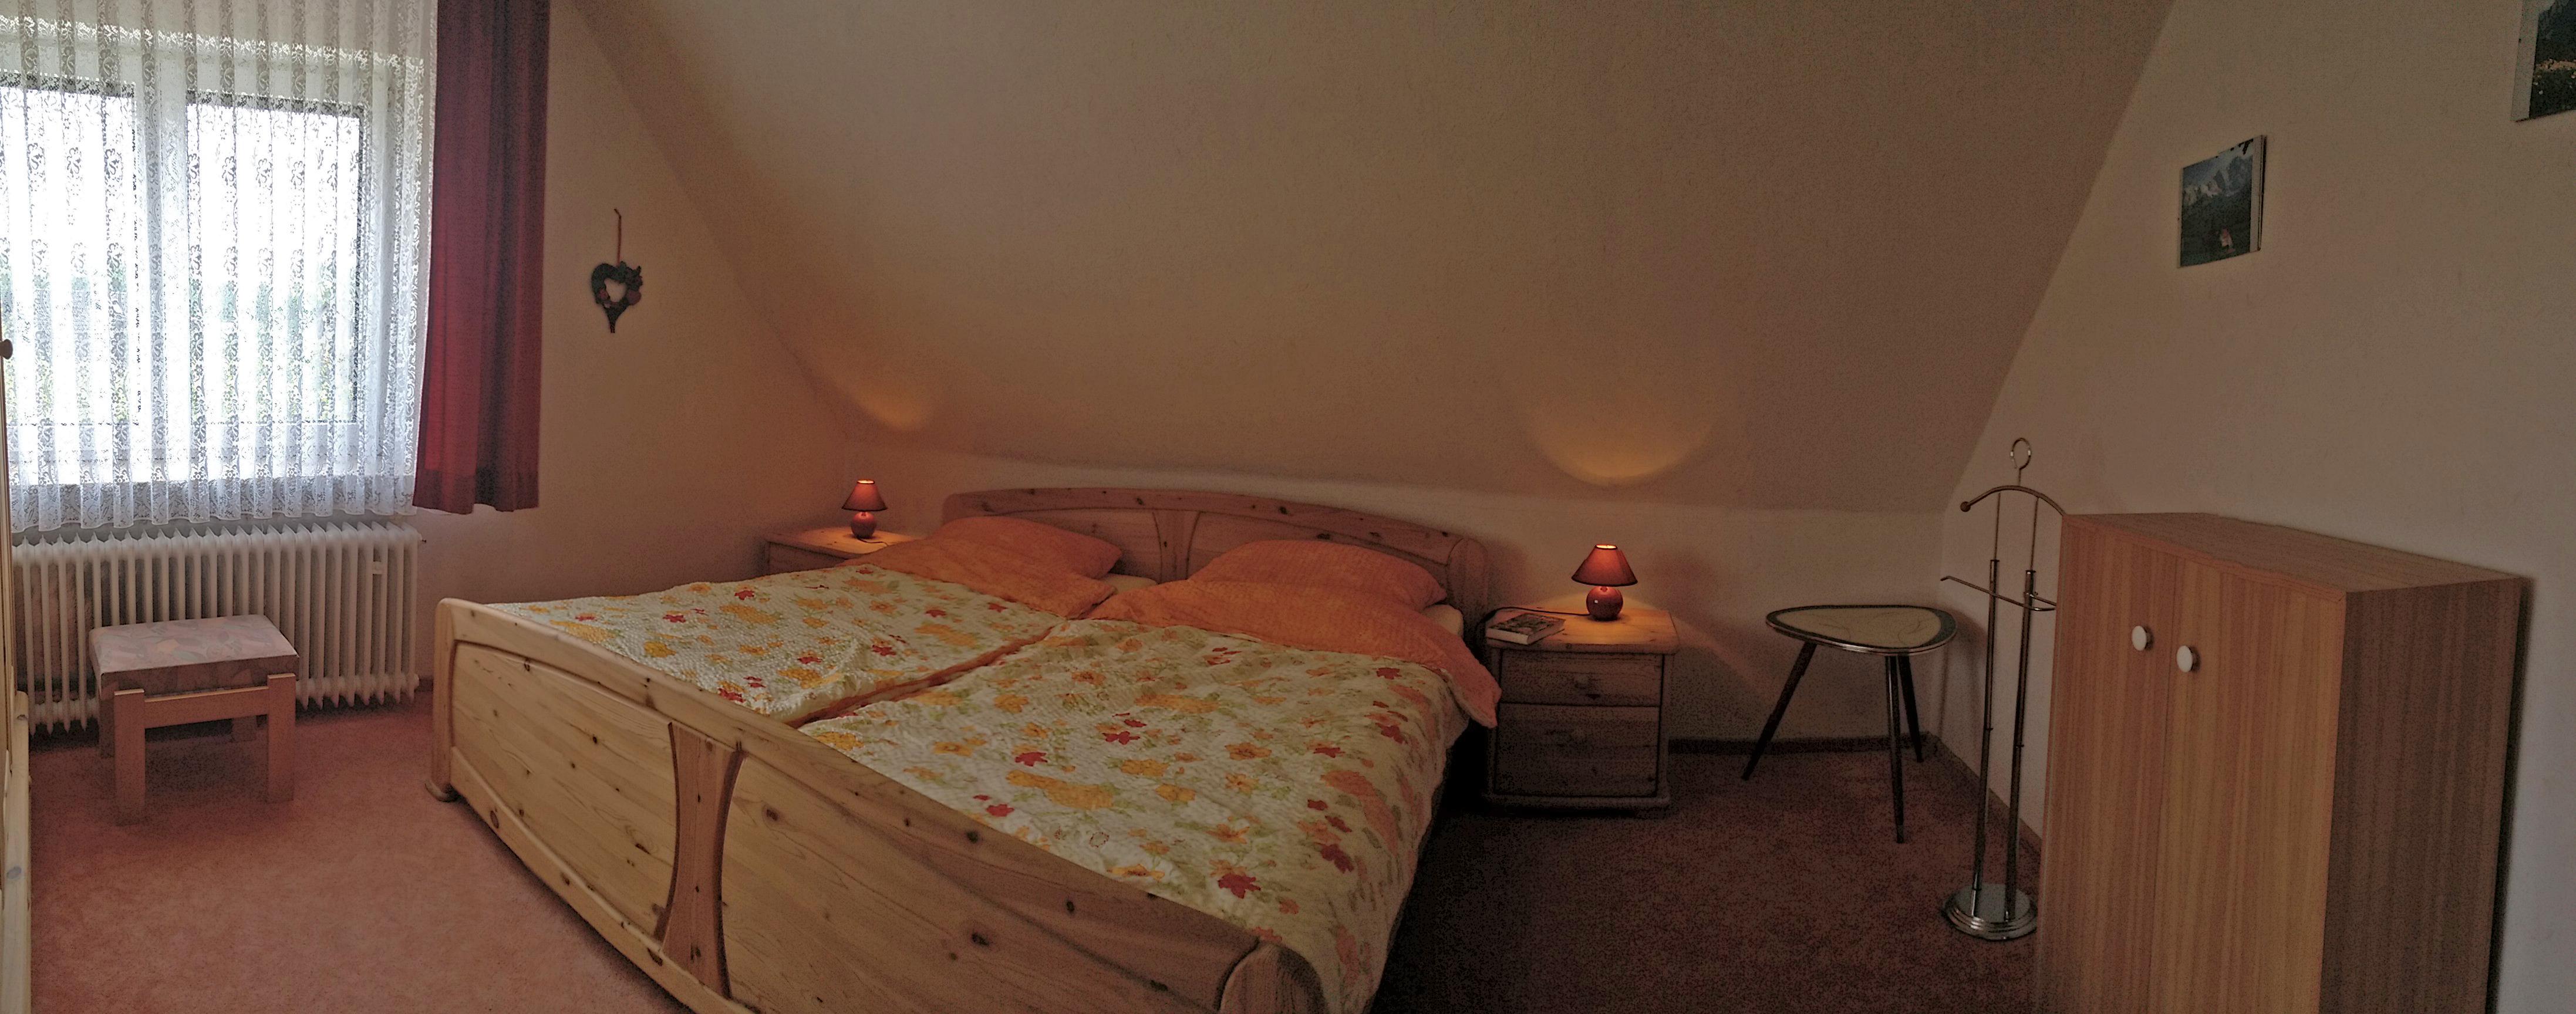 Schlafzimmer (Panorama-Aufnahme)